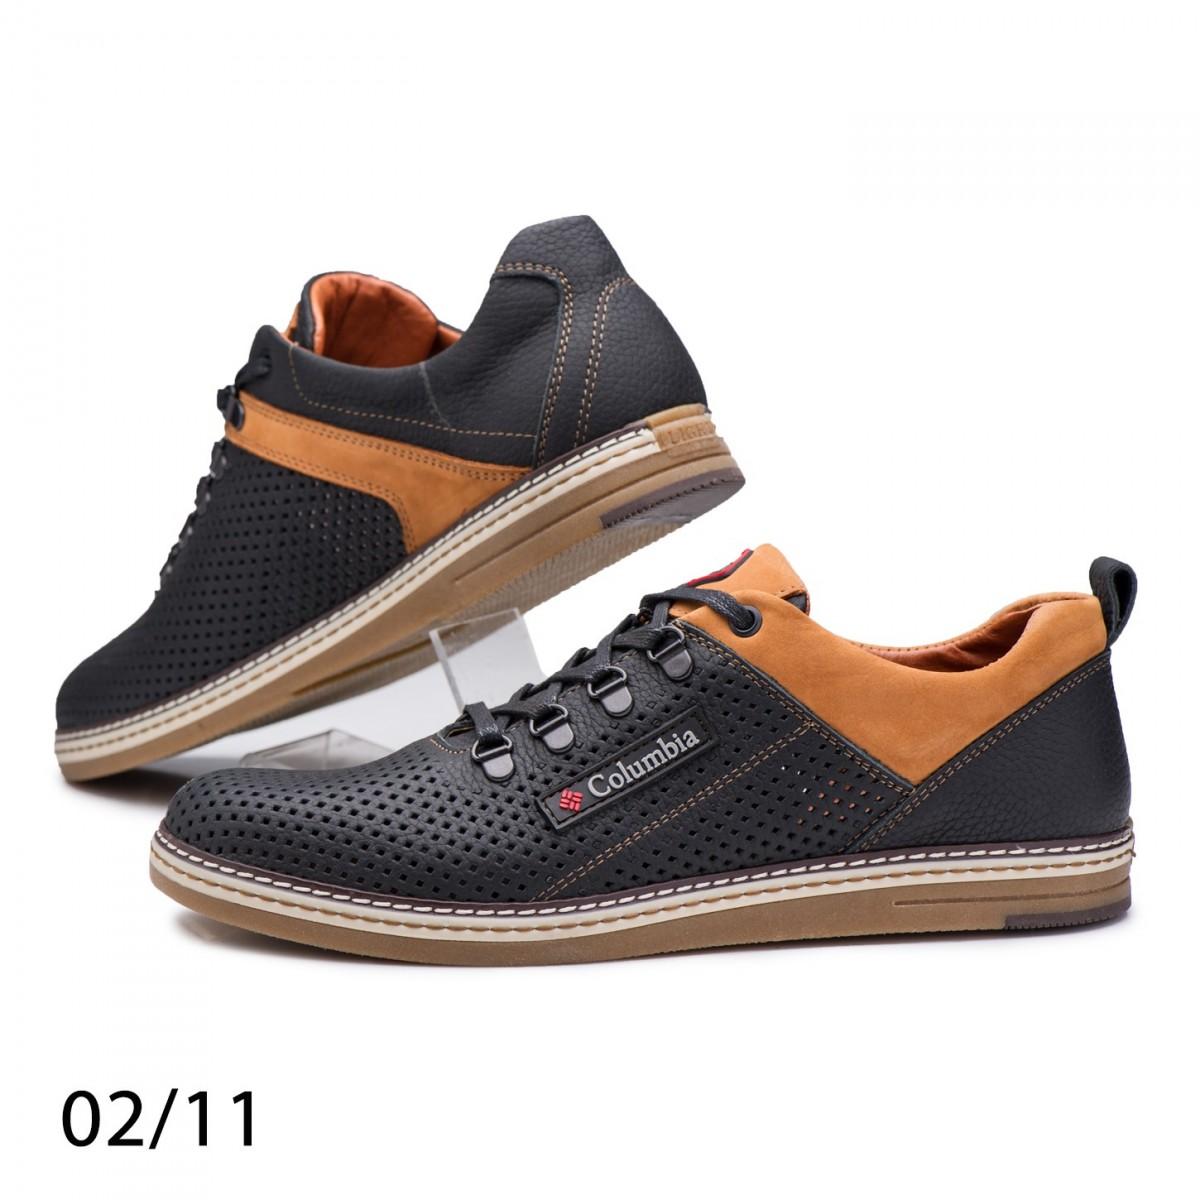 Спортивные туфли Columbia 02/11 натуральная кожа с перфорацией